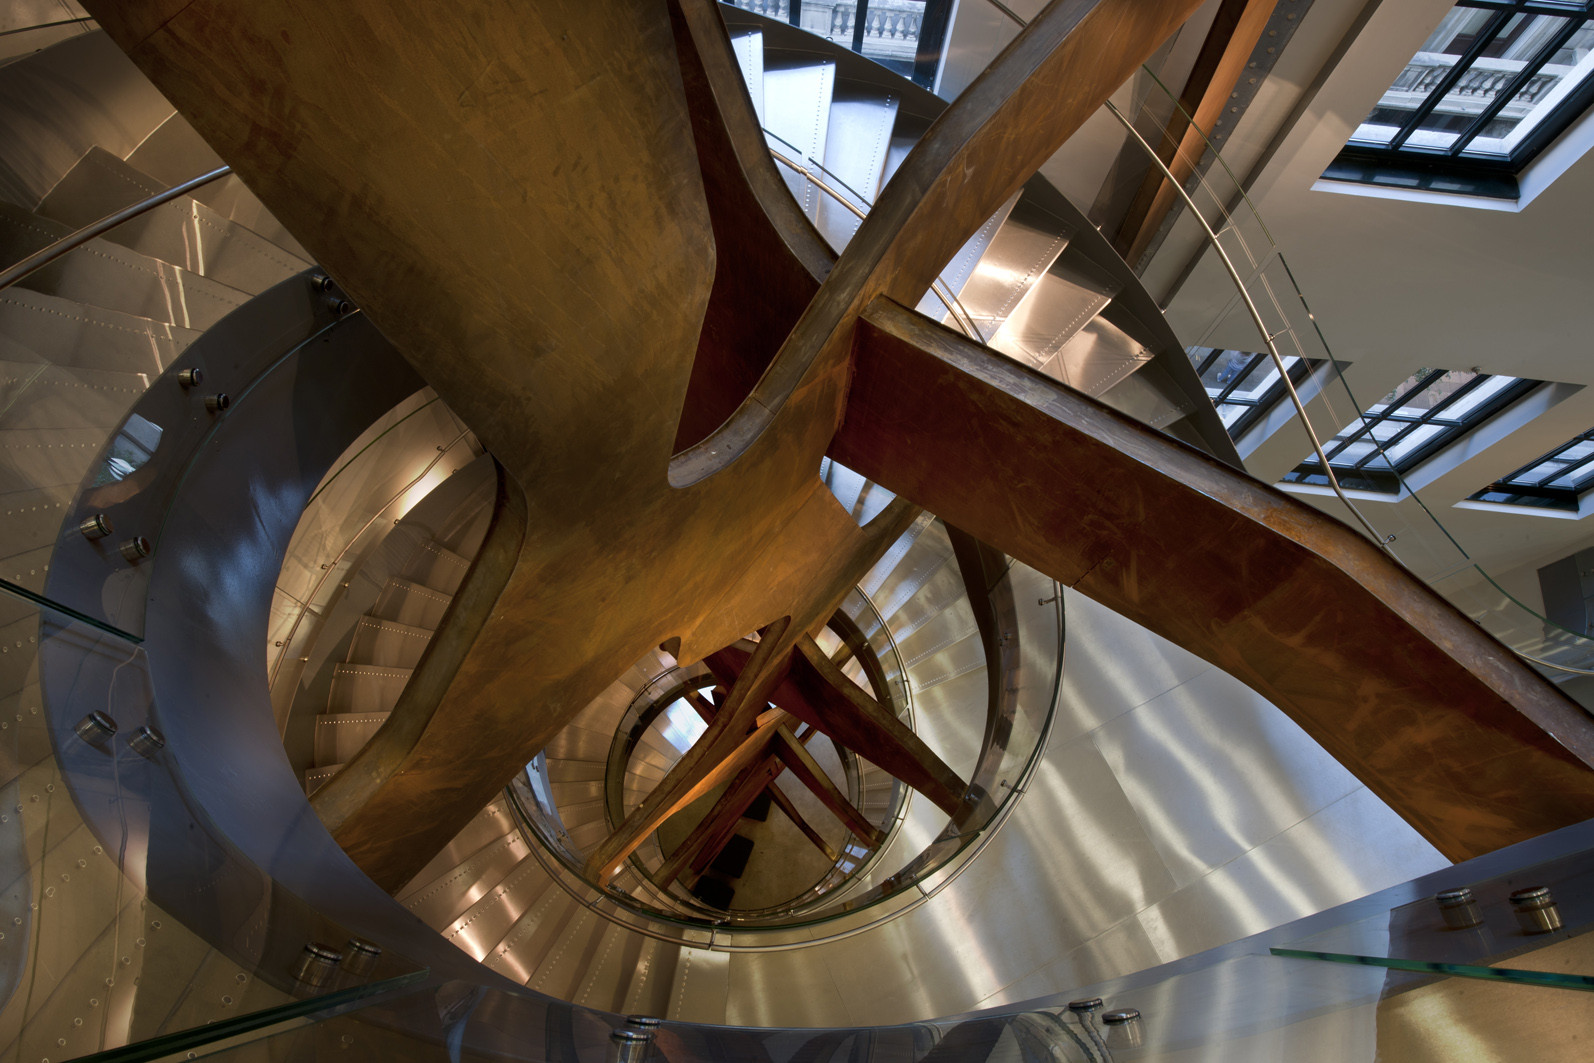 Espacio Fundación Telefónica / Moneo Brock Studio + Quanto Arquitectura